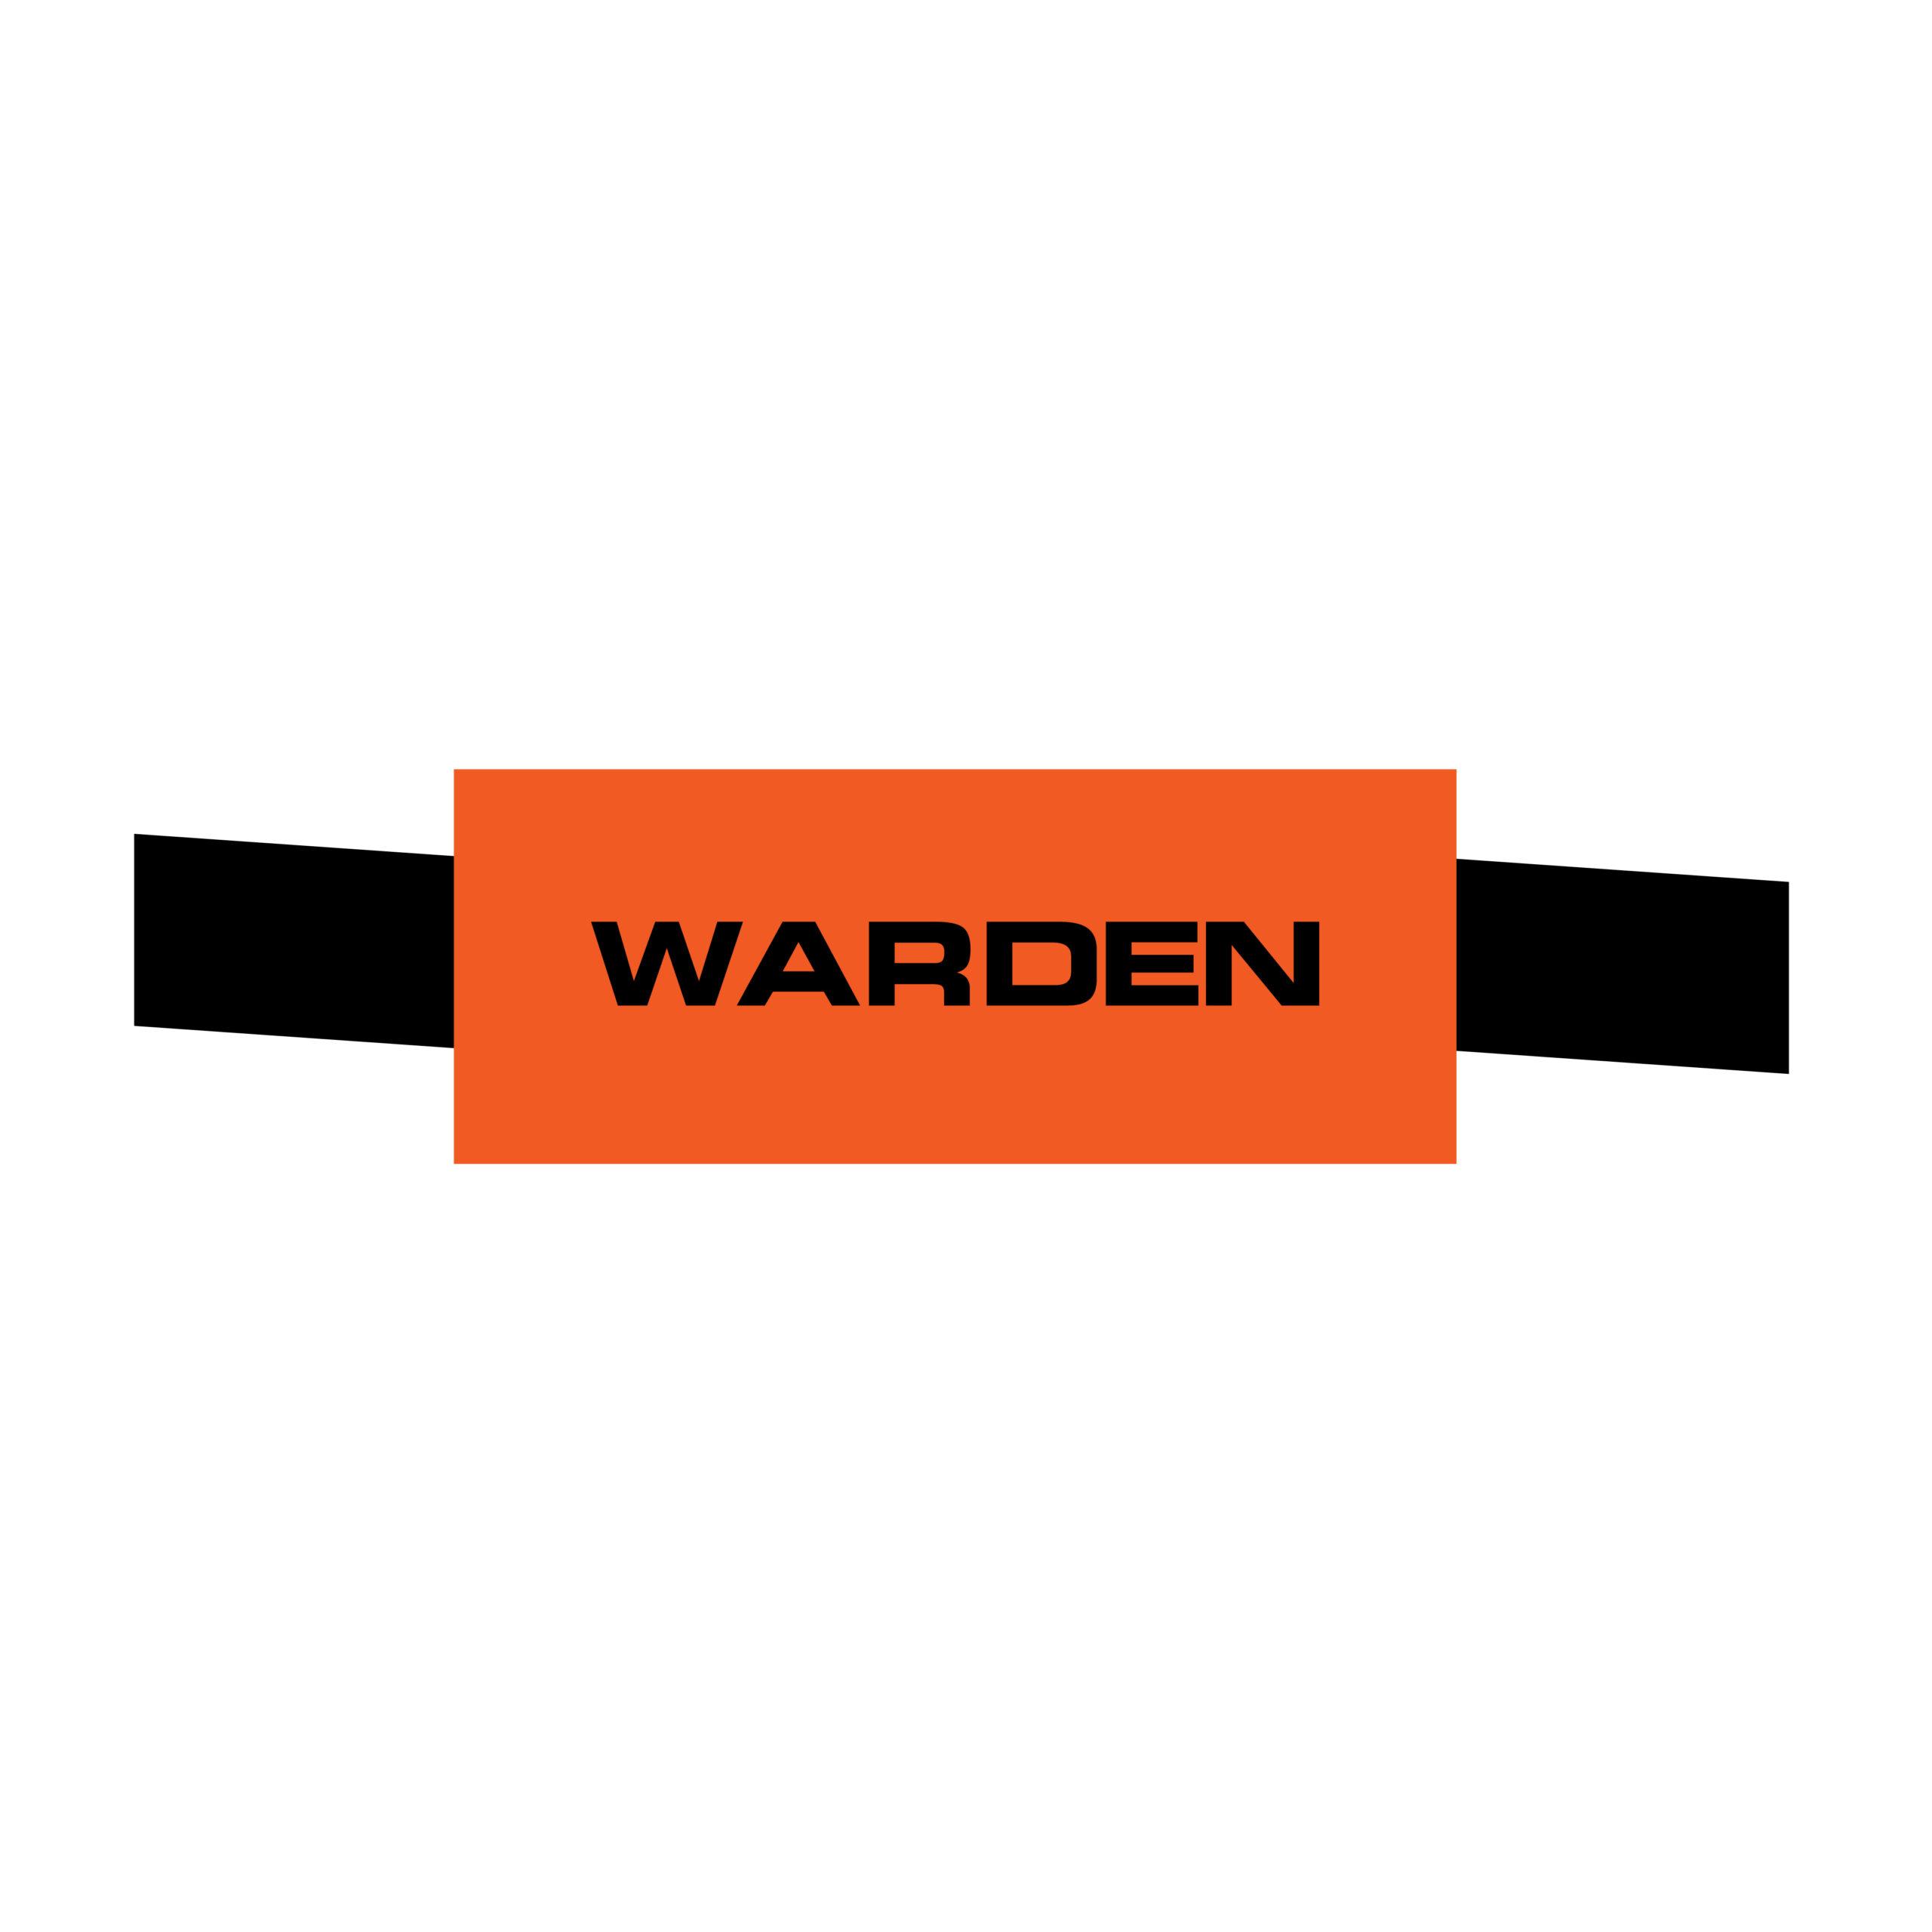 Image of Warden Armband, Orange, Velcro